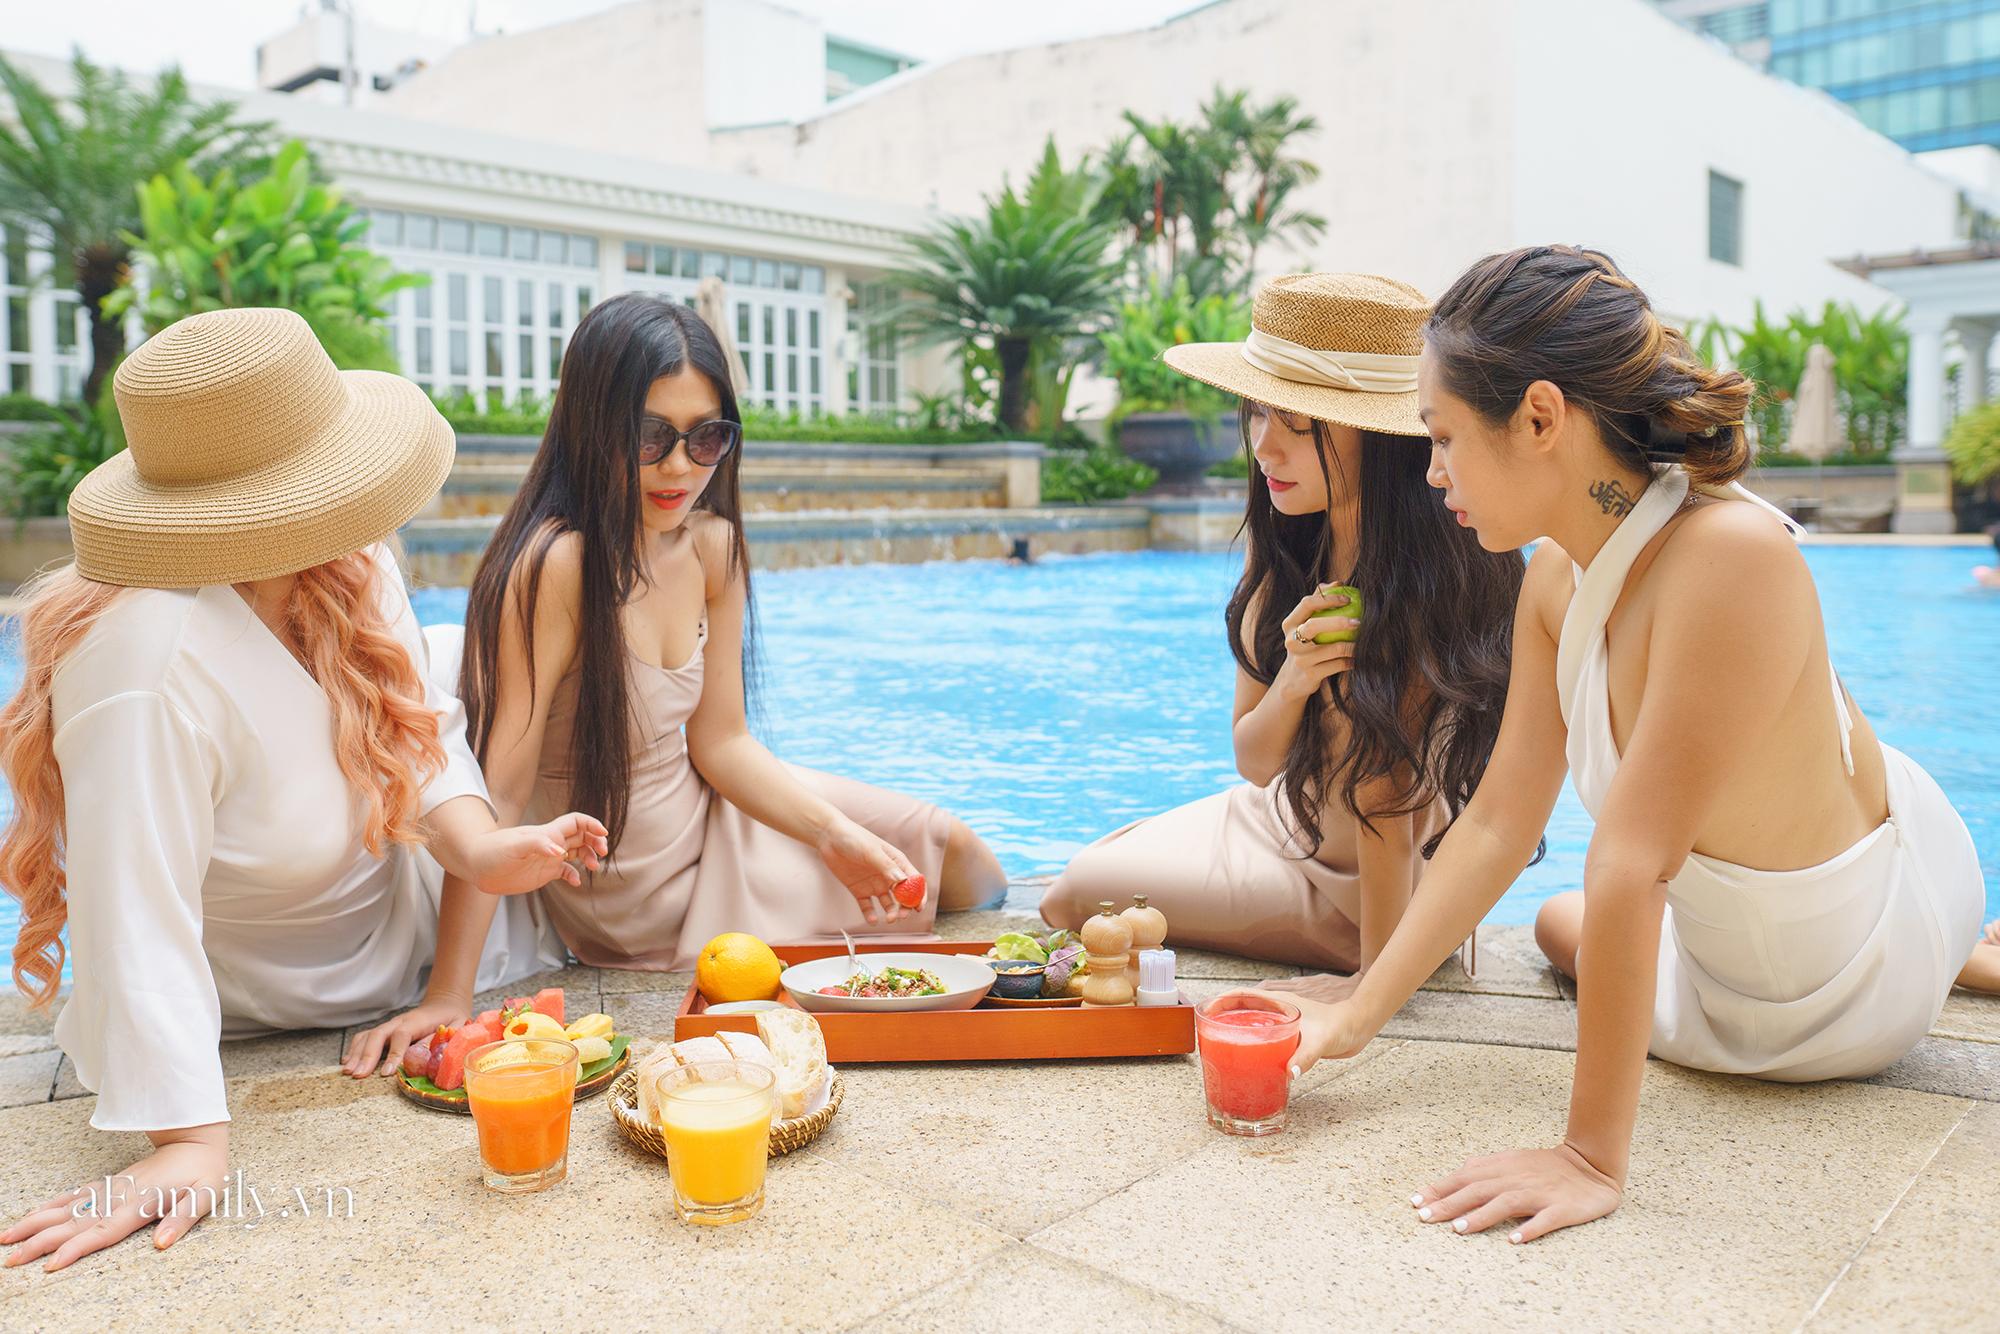 Nhiều người Sài Gòn chọn trải nghiệm kỳ nghỉ 2/9 tại các khách sạn 5 sao vì giá quá hời chỉ bằng một nửa so với ngày thường và đây là 3 nơi siêu lý tưởng  - Ảnh 2.